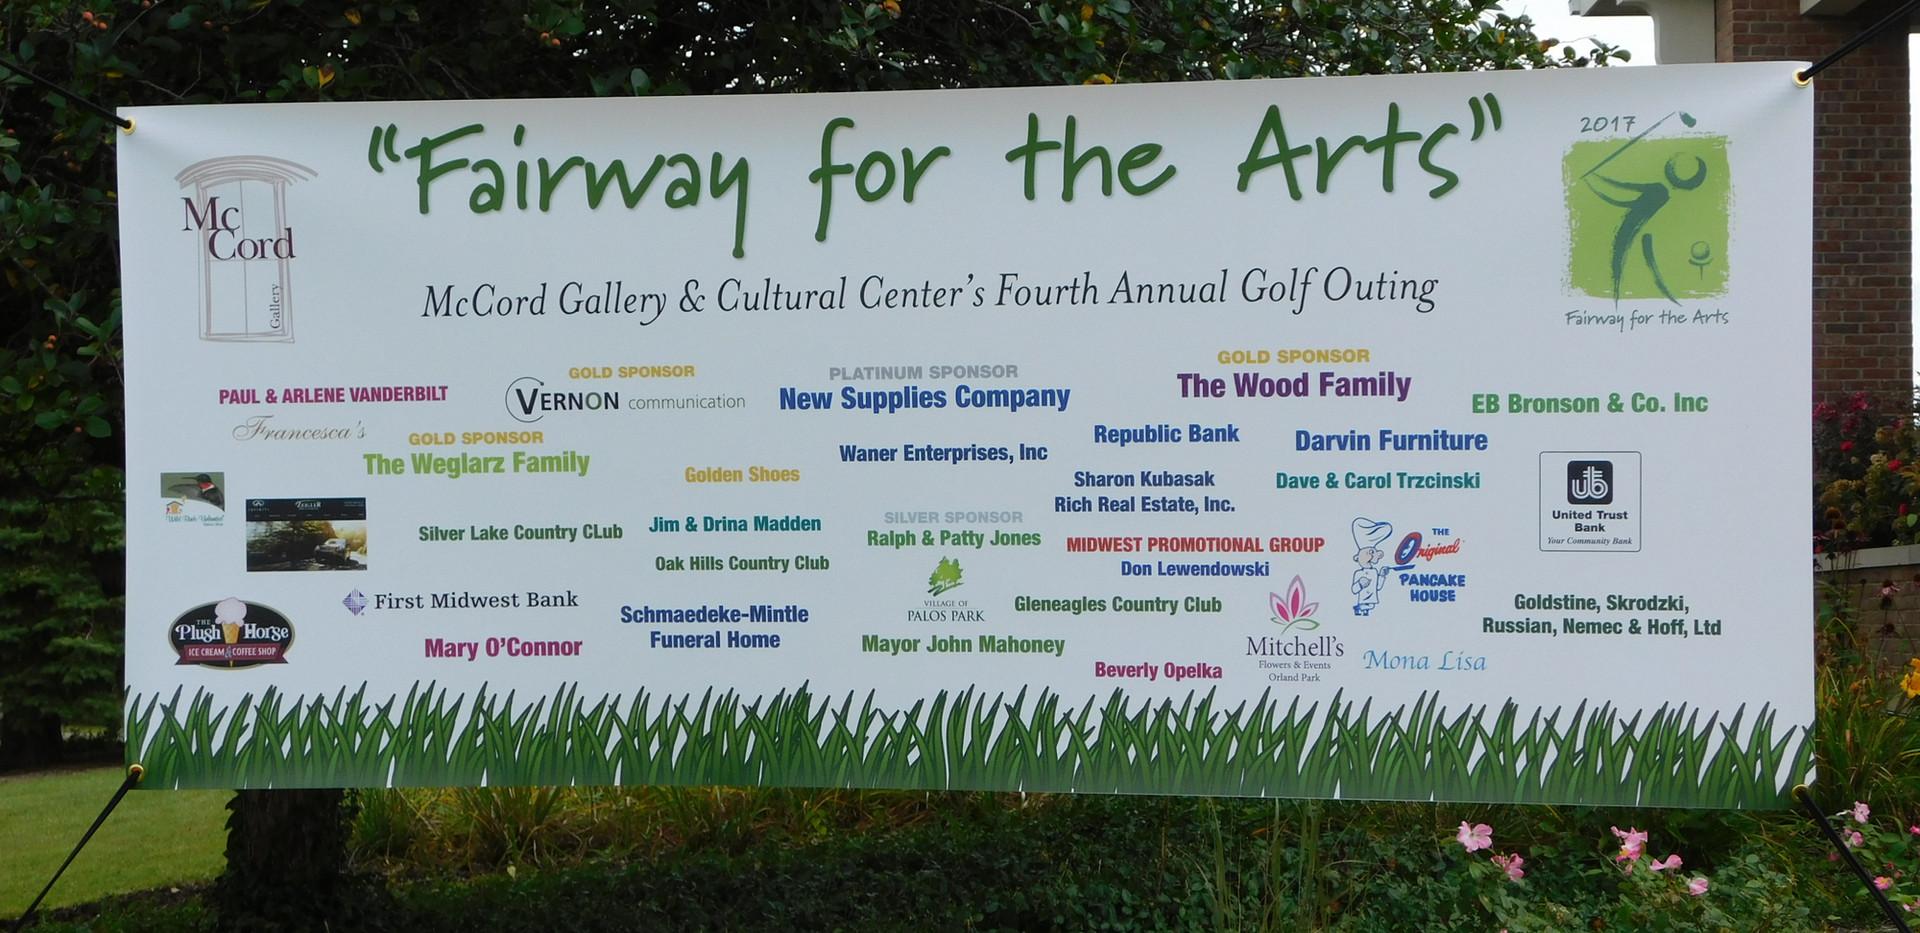 Fairwar for the Arts